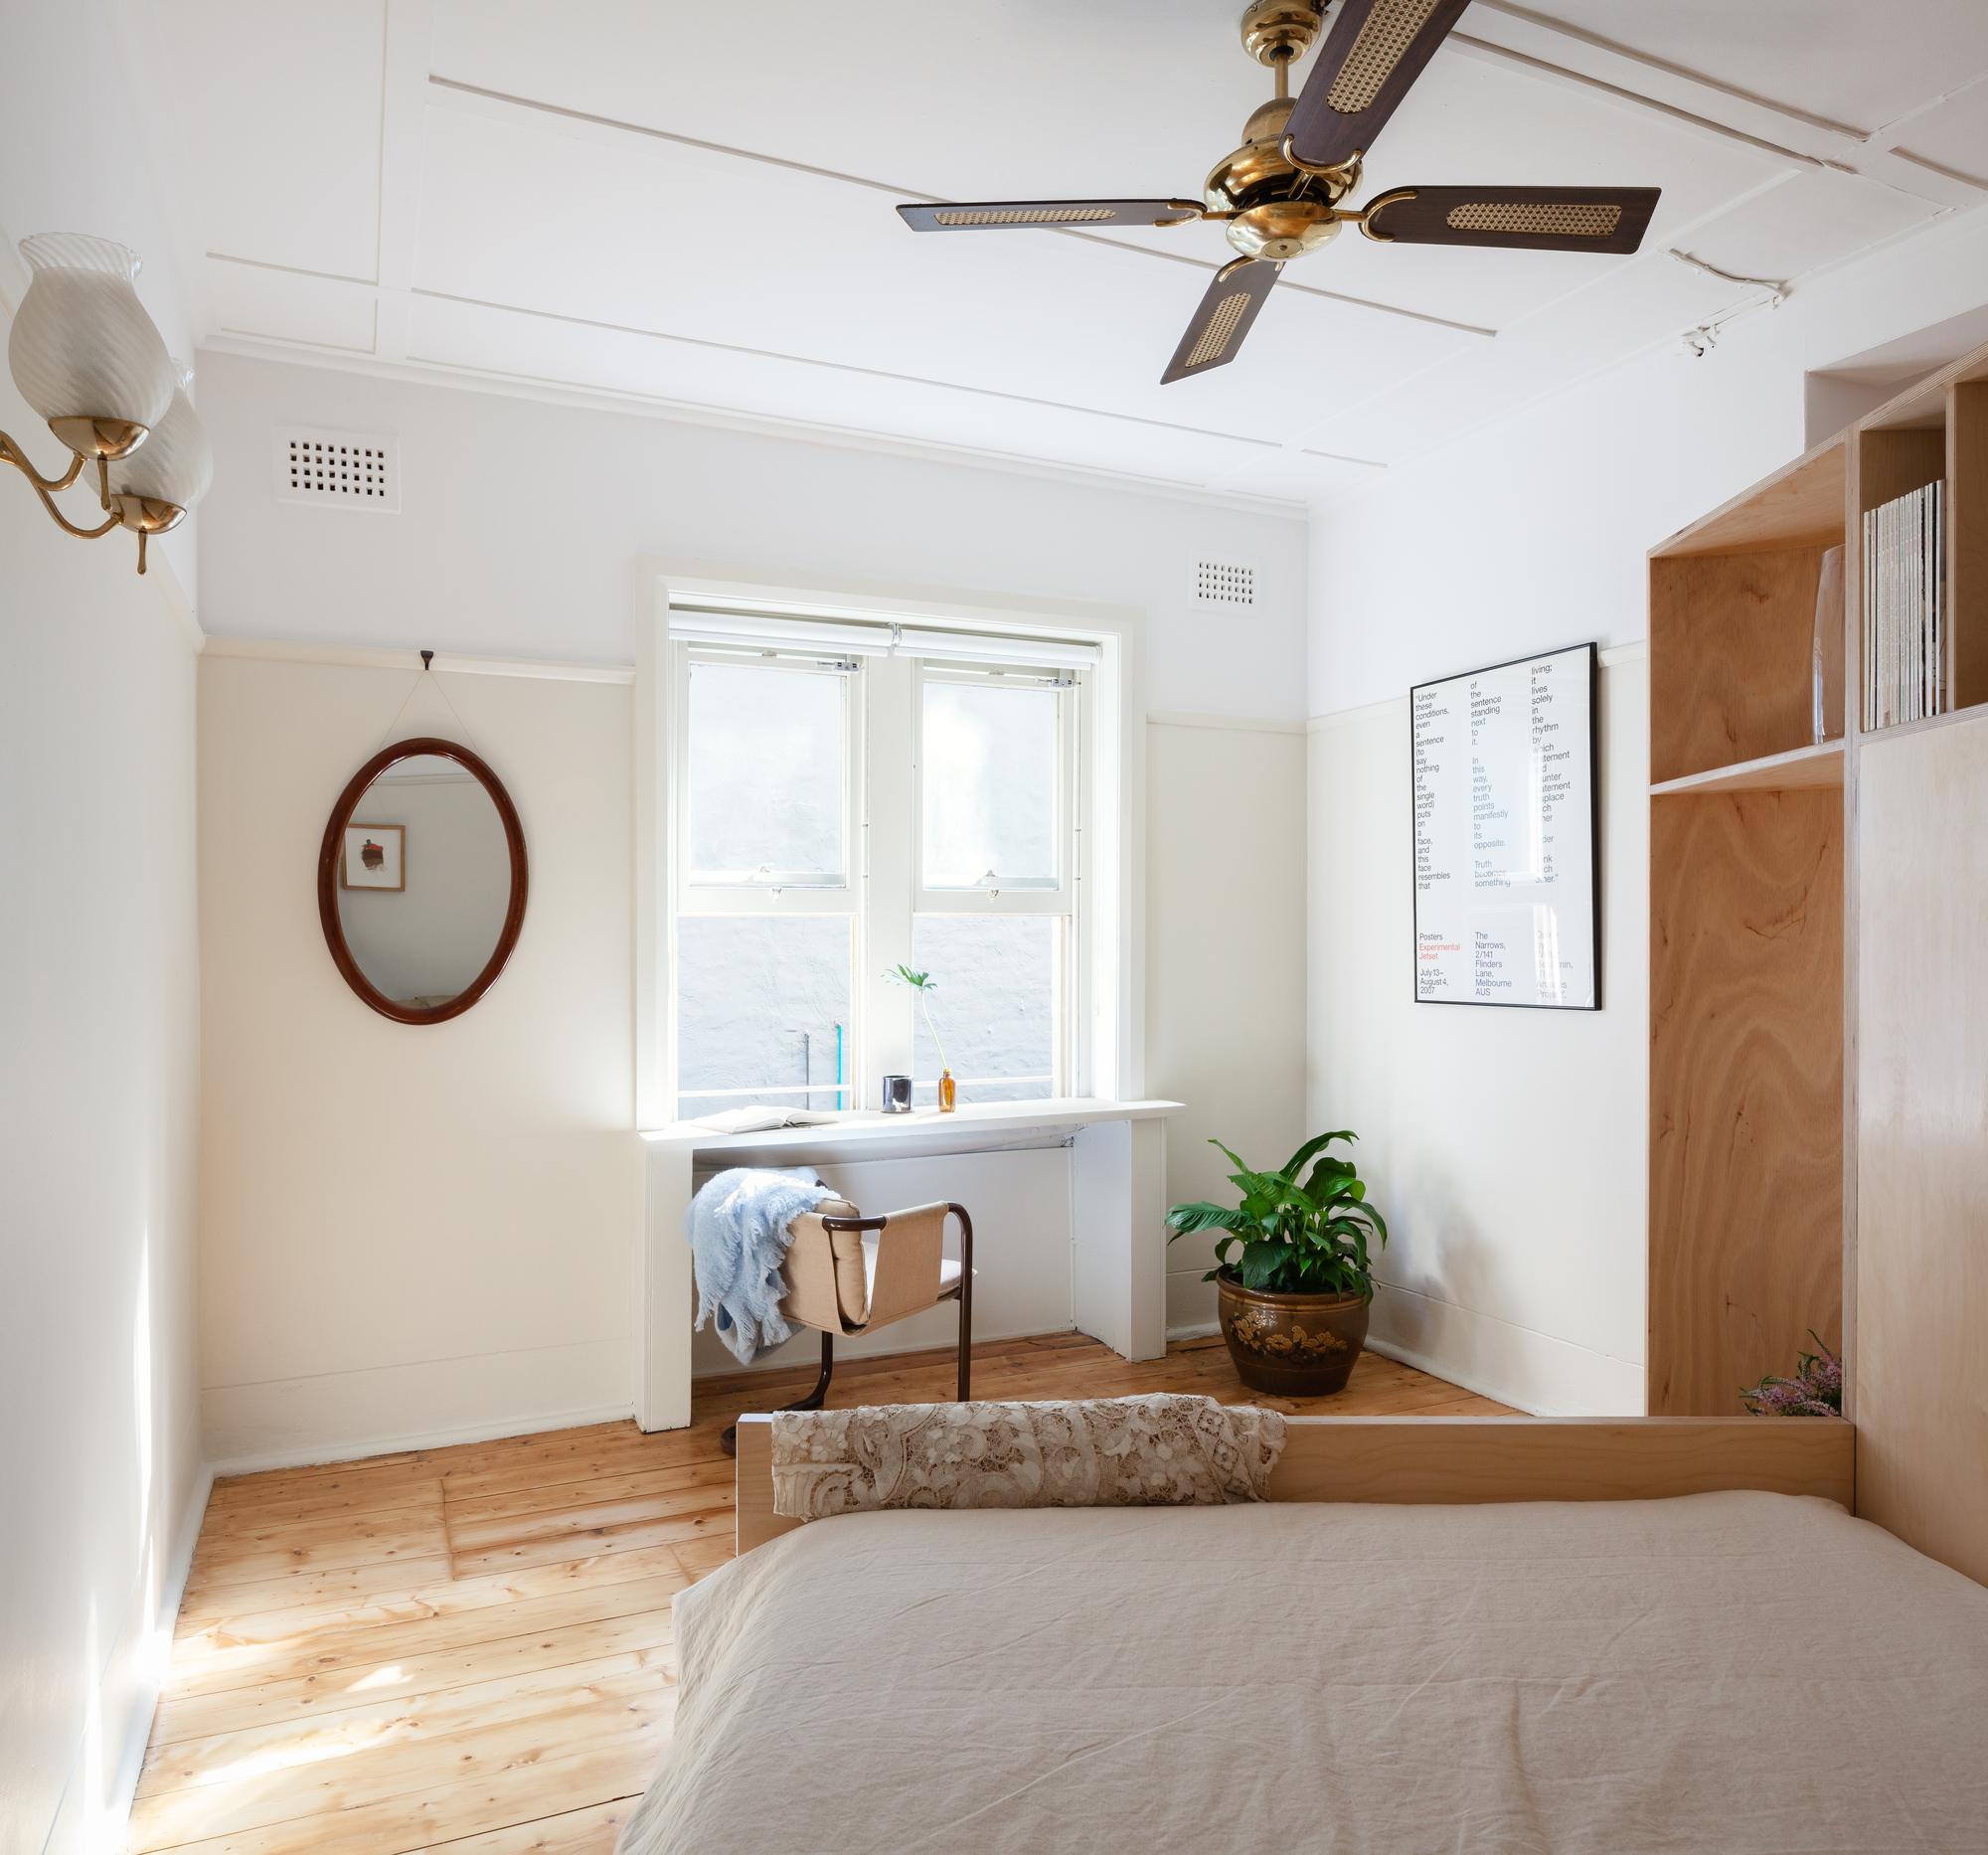 Studio Apartments In Bay Area: Galería De Departamento Estudio Pequeño Y Esculpido